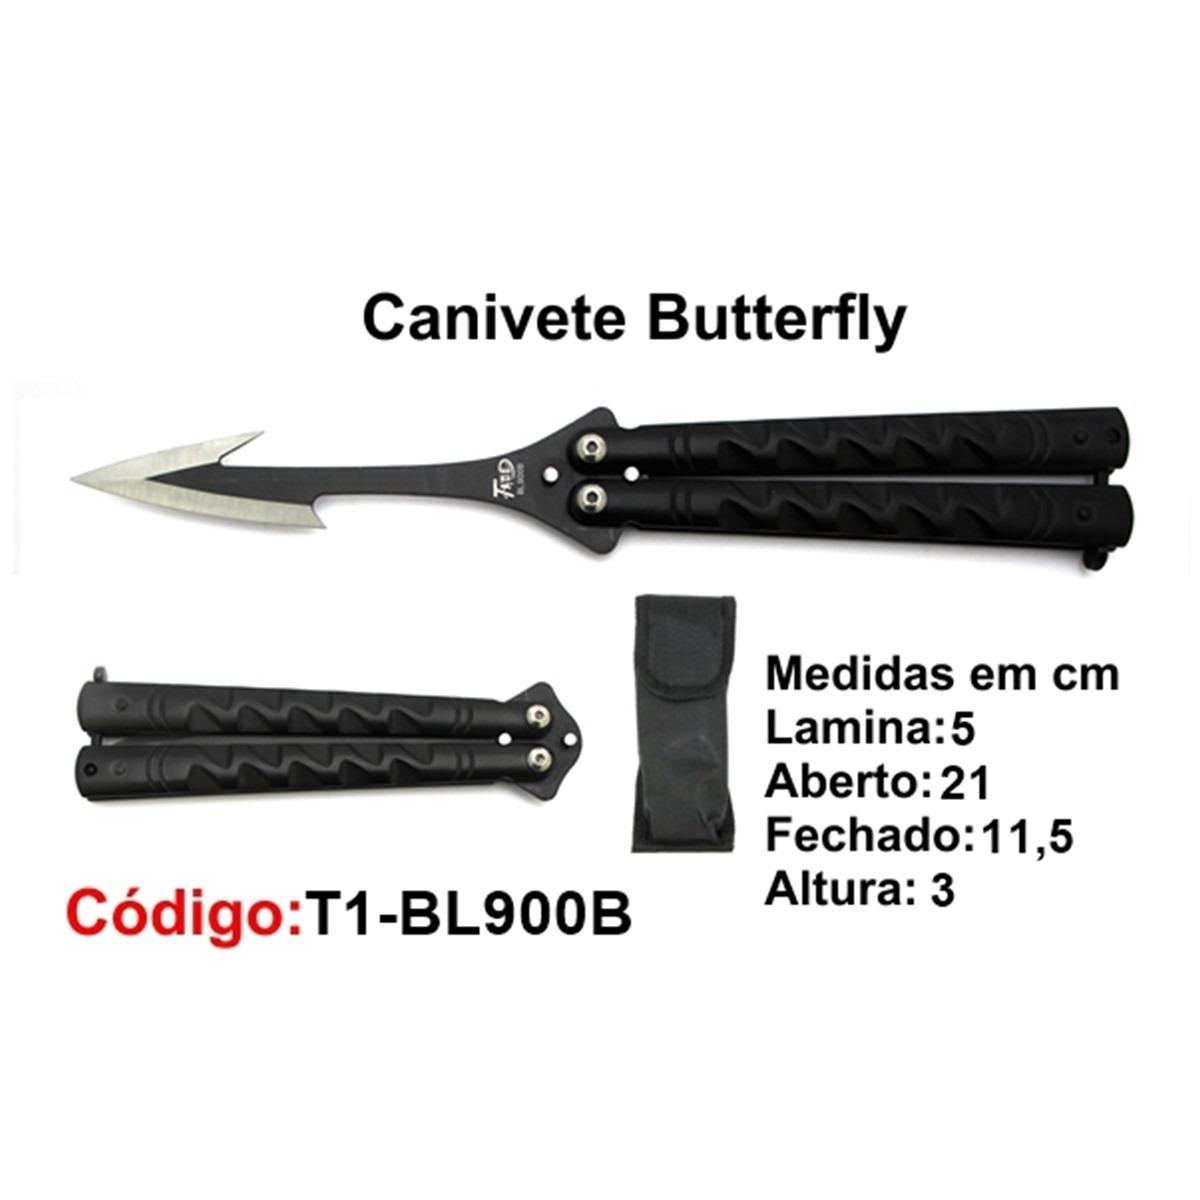 Canivete Esportivo Butterfly Borboleta T1-BL900B